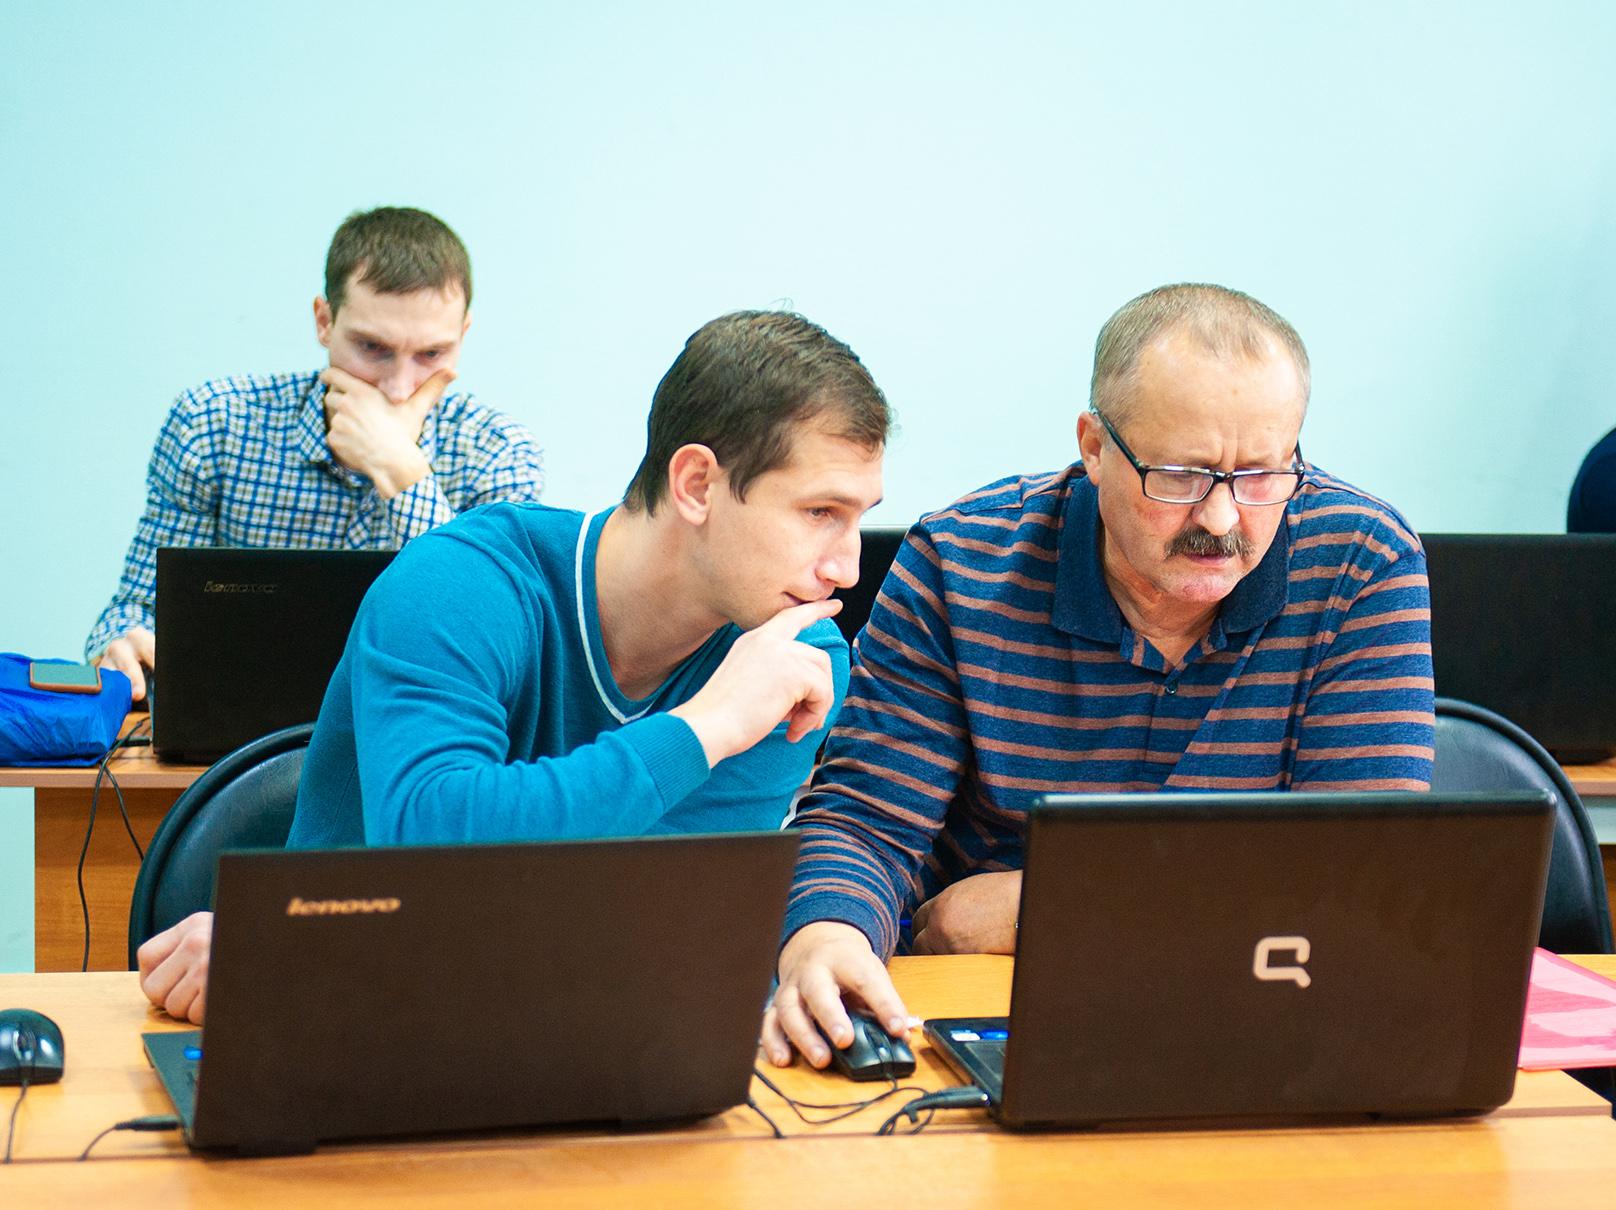 Сотрудники филиала «Россети Центр Ярэнерго» повышают квалификацию